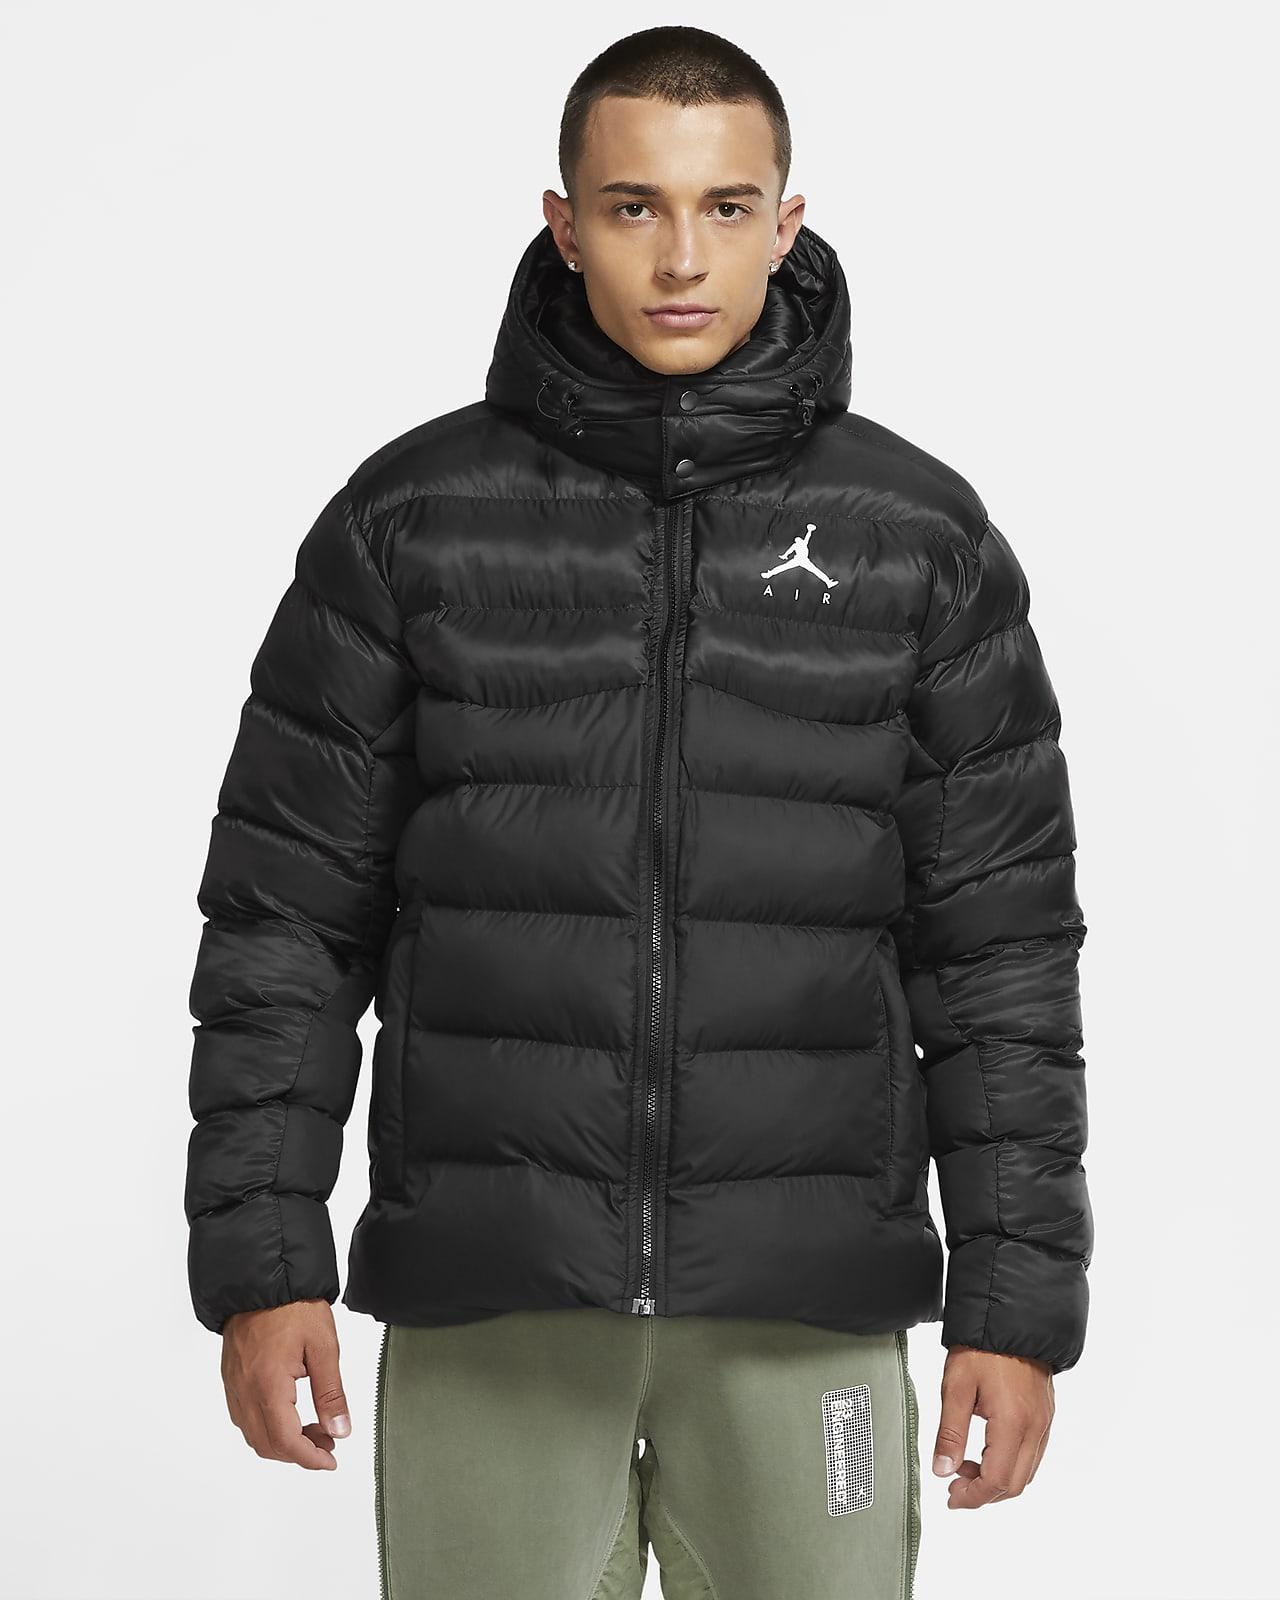 medio litro deshonesto Contrapartida  Jordan Jumpman Air Chaqueta acolchada - Hombre. Nike ES